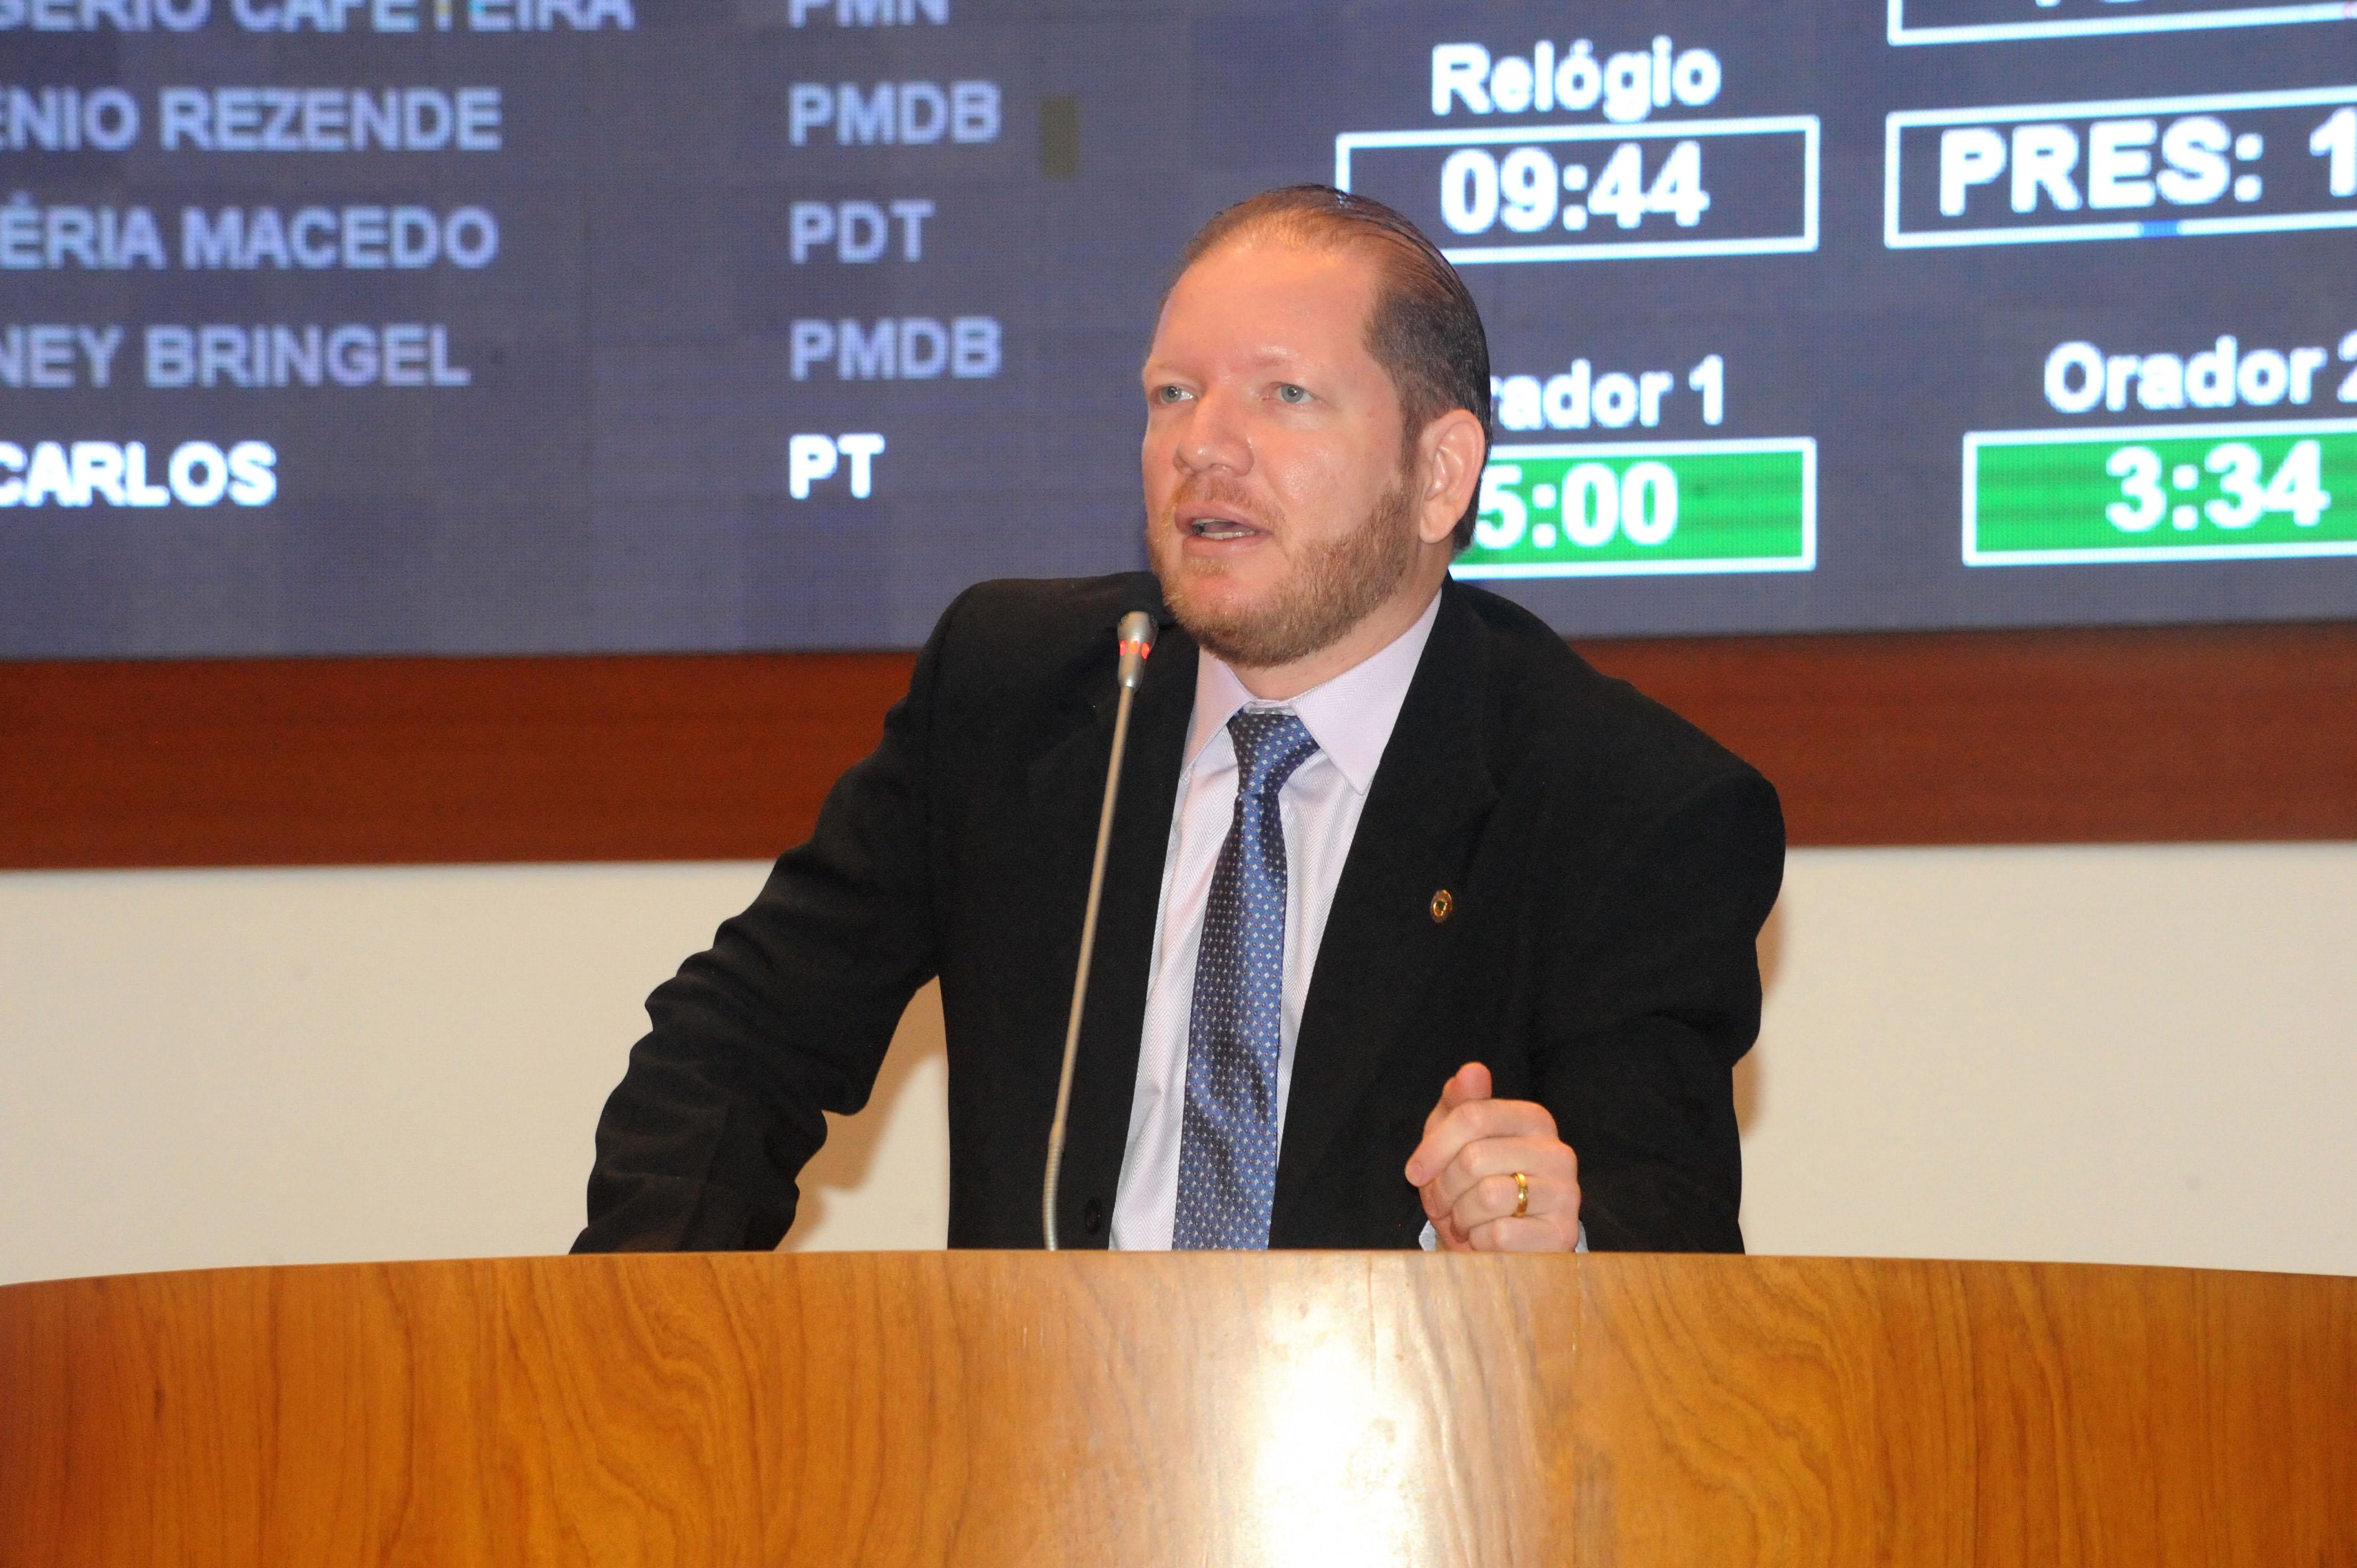 Autor da proposição, Othelino deverá presidir a Comissão Especial